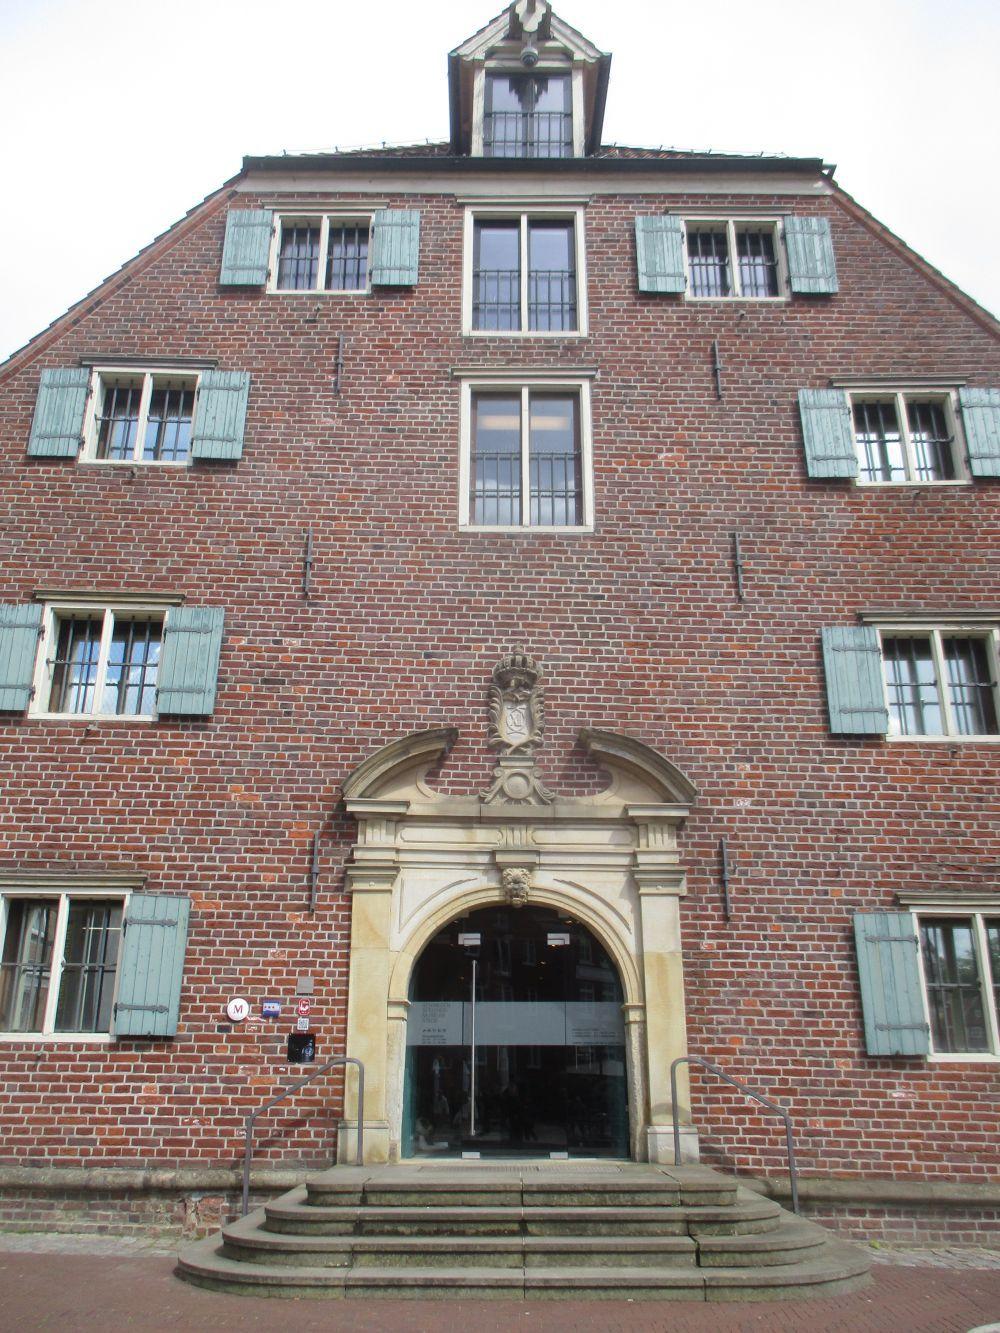 Der Hauoteingang des Schwedenspeichermuseums in Stade. Es handelt sich um einen Altbau, ein Klinkergebäude mit 4 Geschossen.